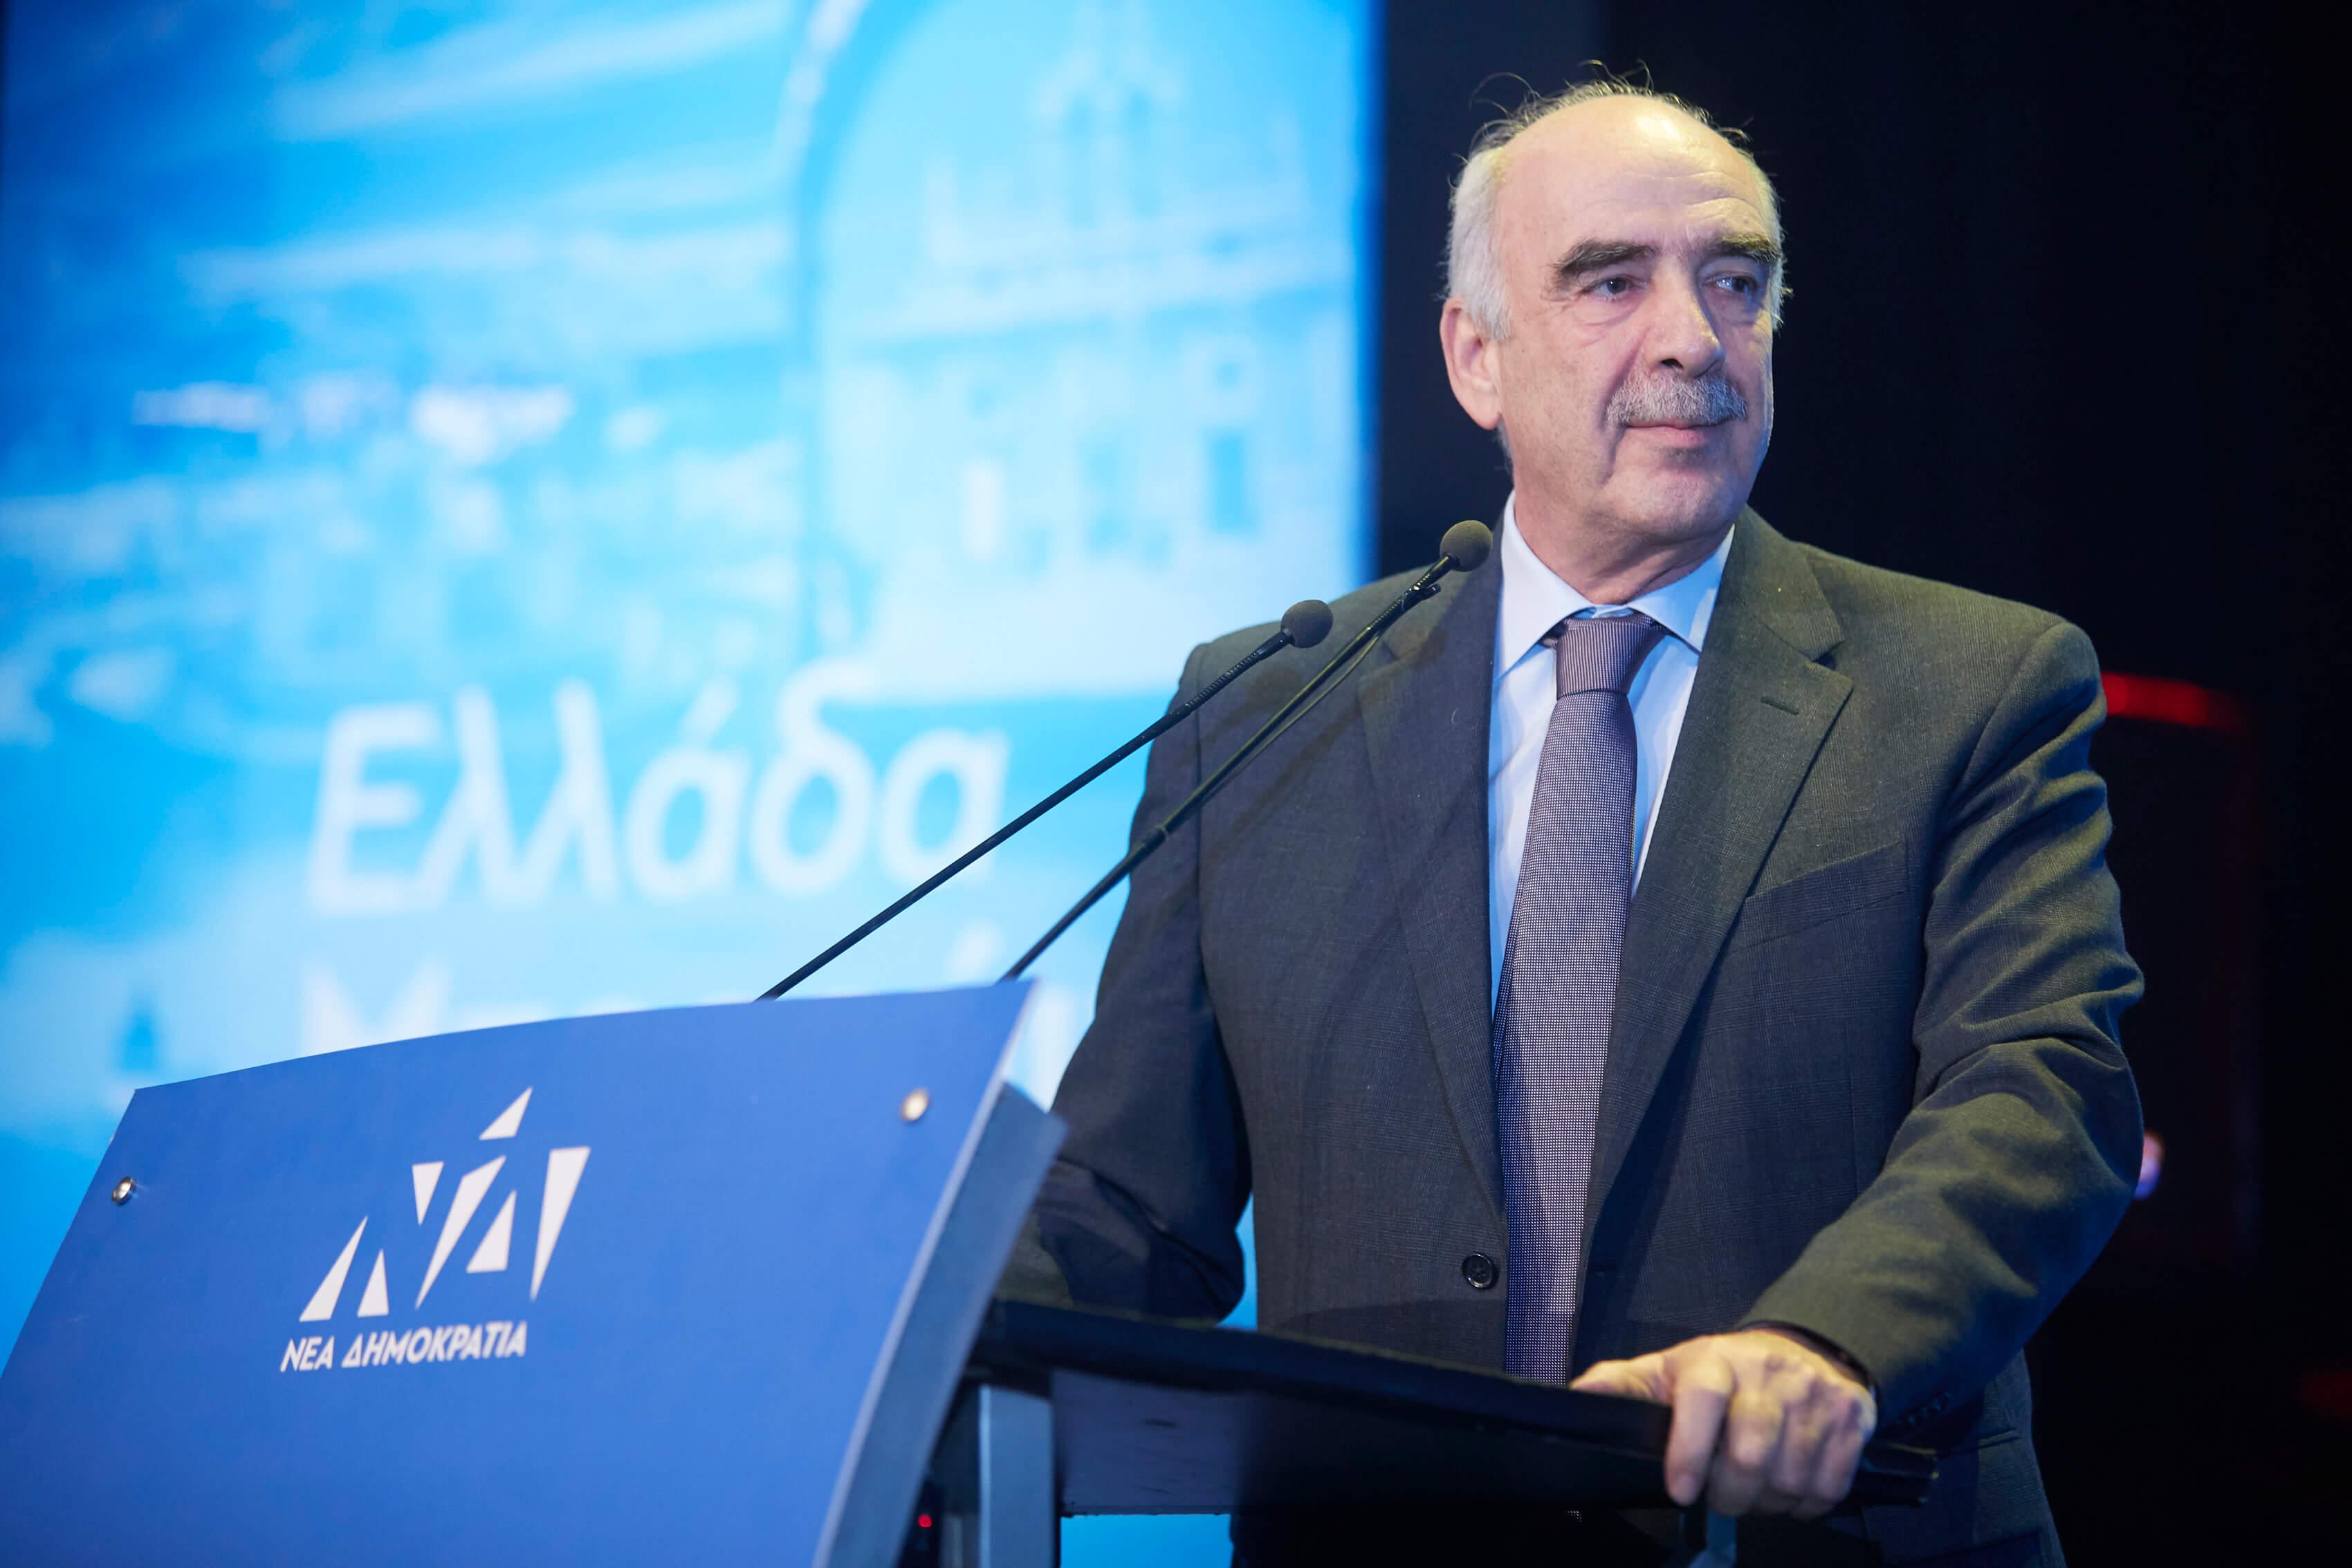 Μεϊμαράκης: Ψηφίζουμε για να αποκτήσει η χώρα μας μια κανονική κυβέρνηση